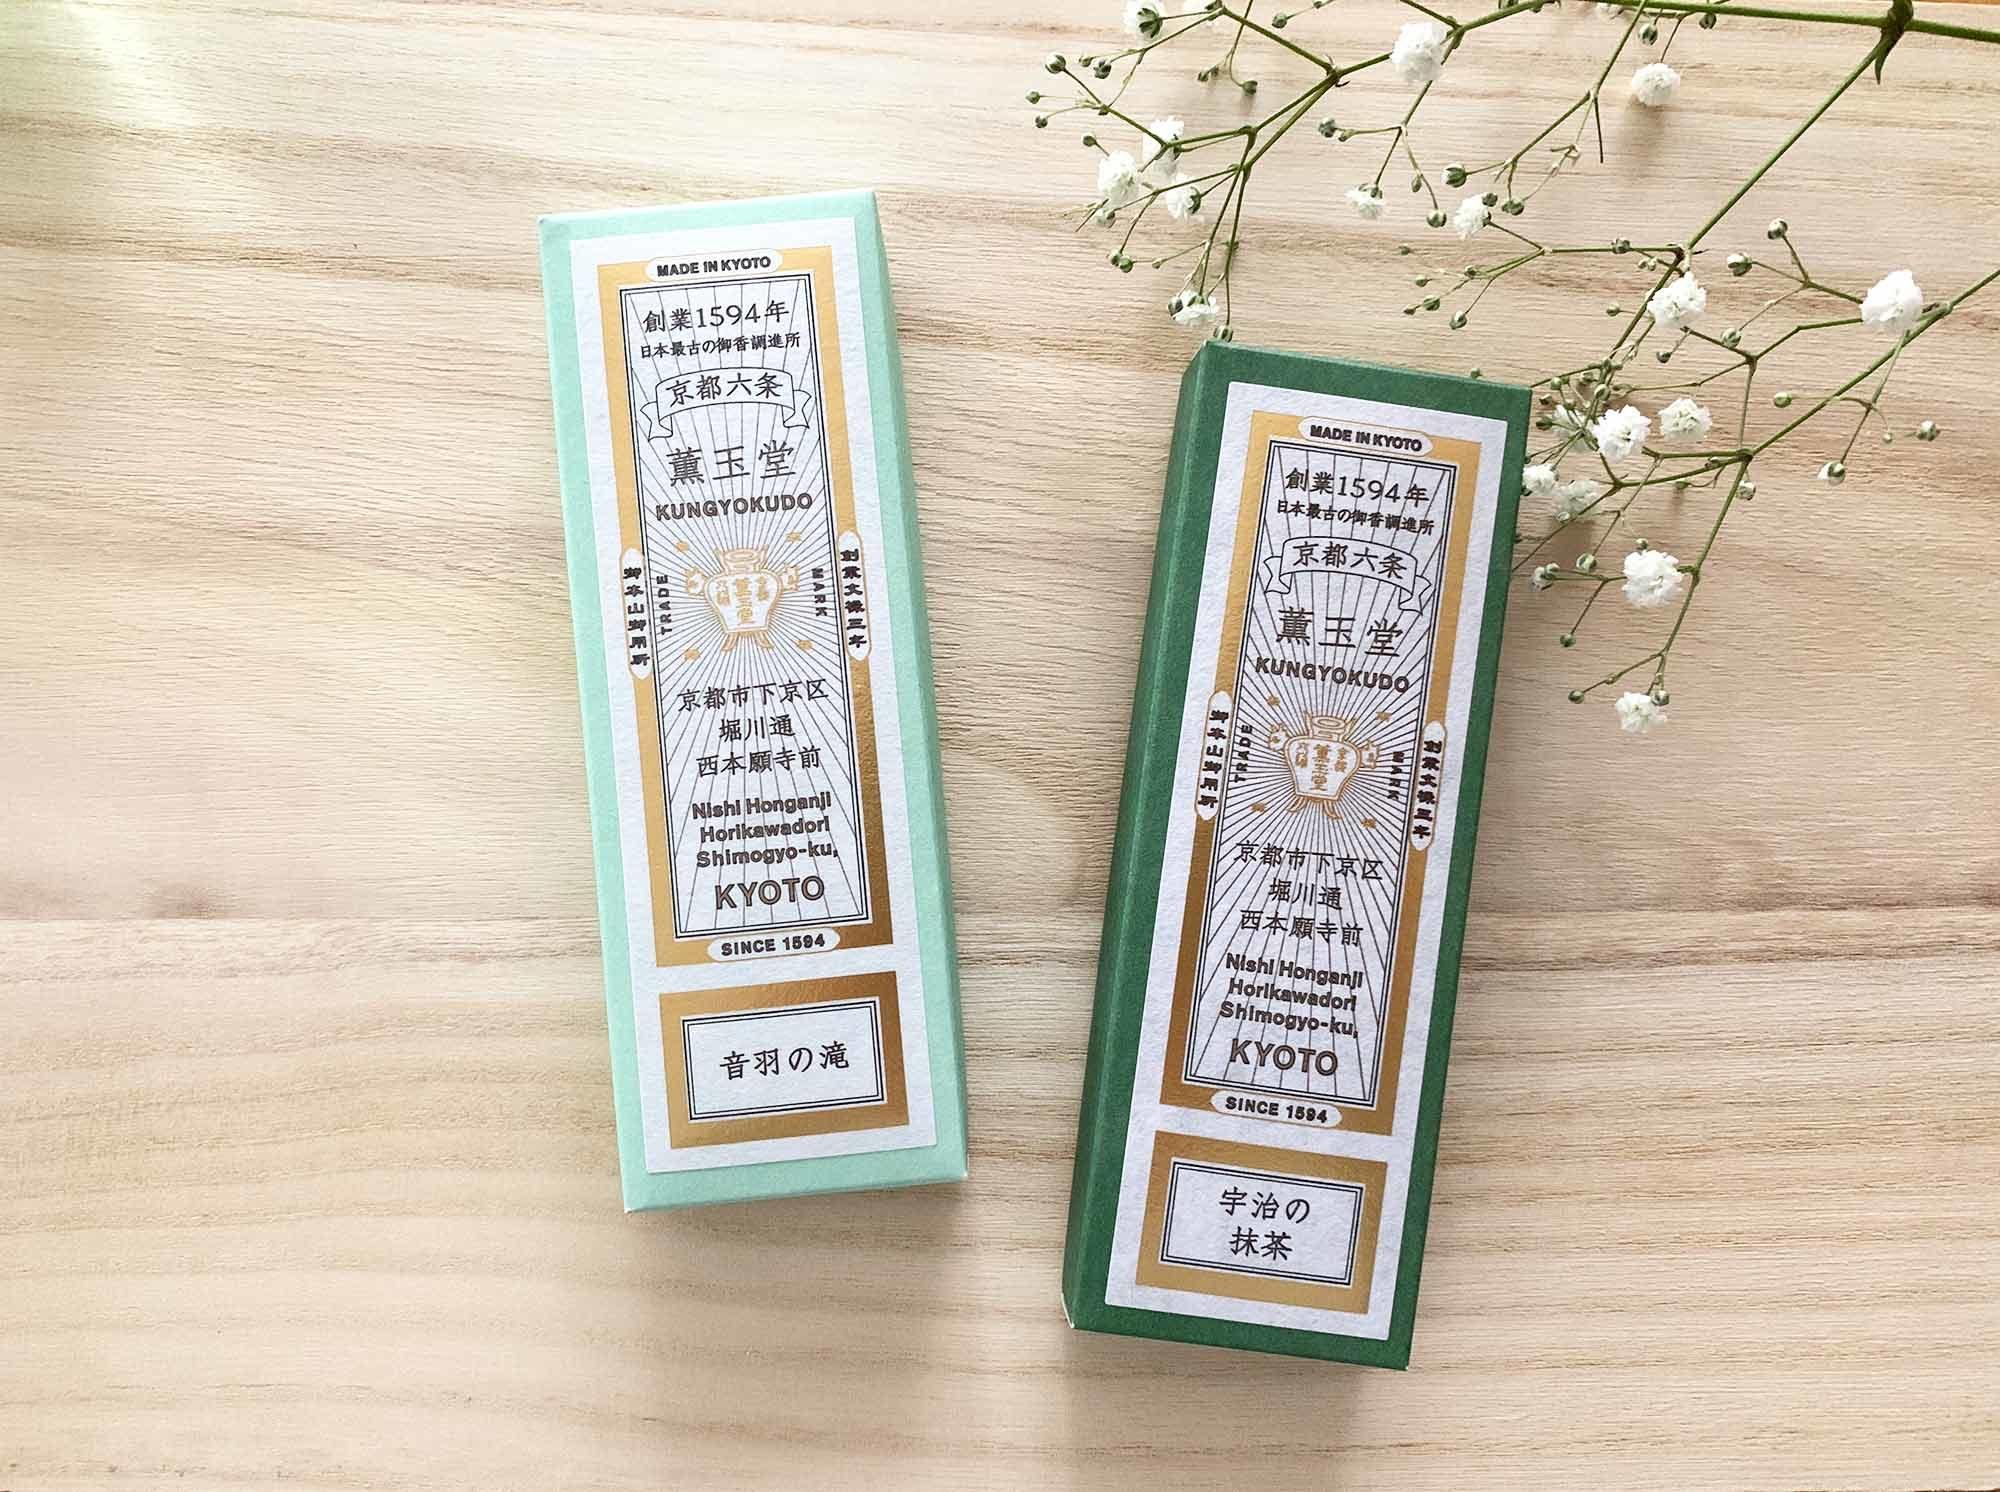 全部で51種類のお香が販売されています。「丸の内1933」など、京都の香り以外のものも充実していています。